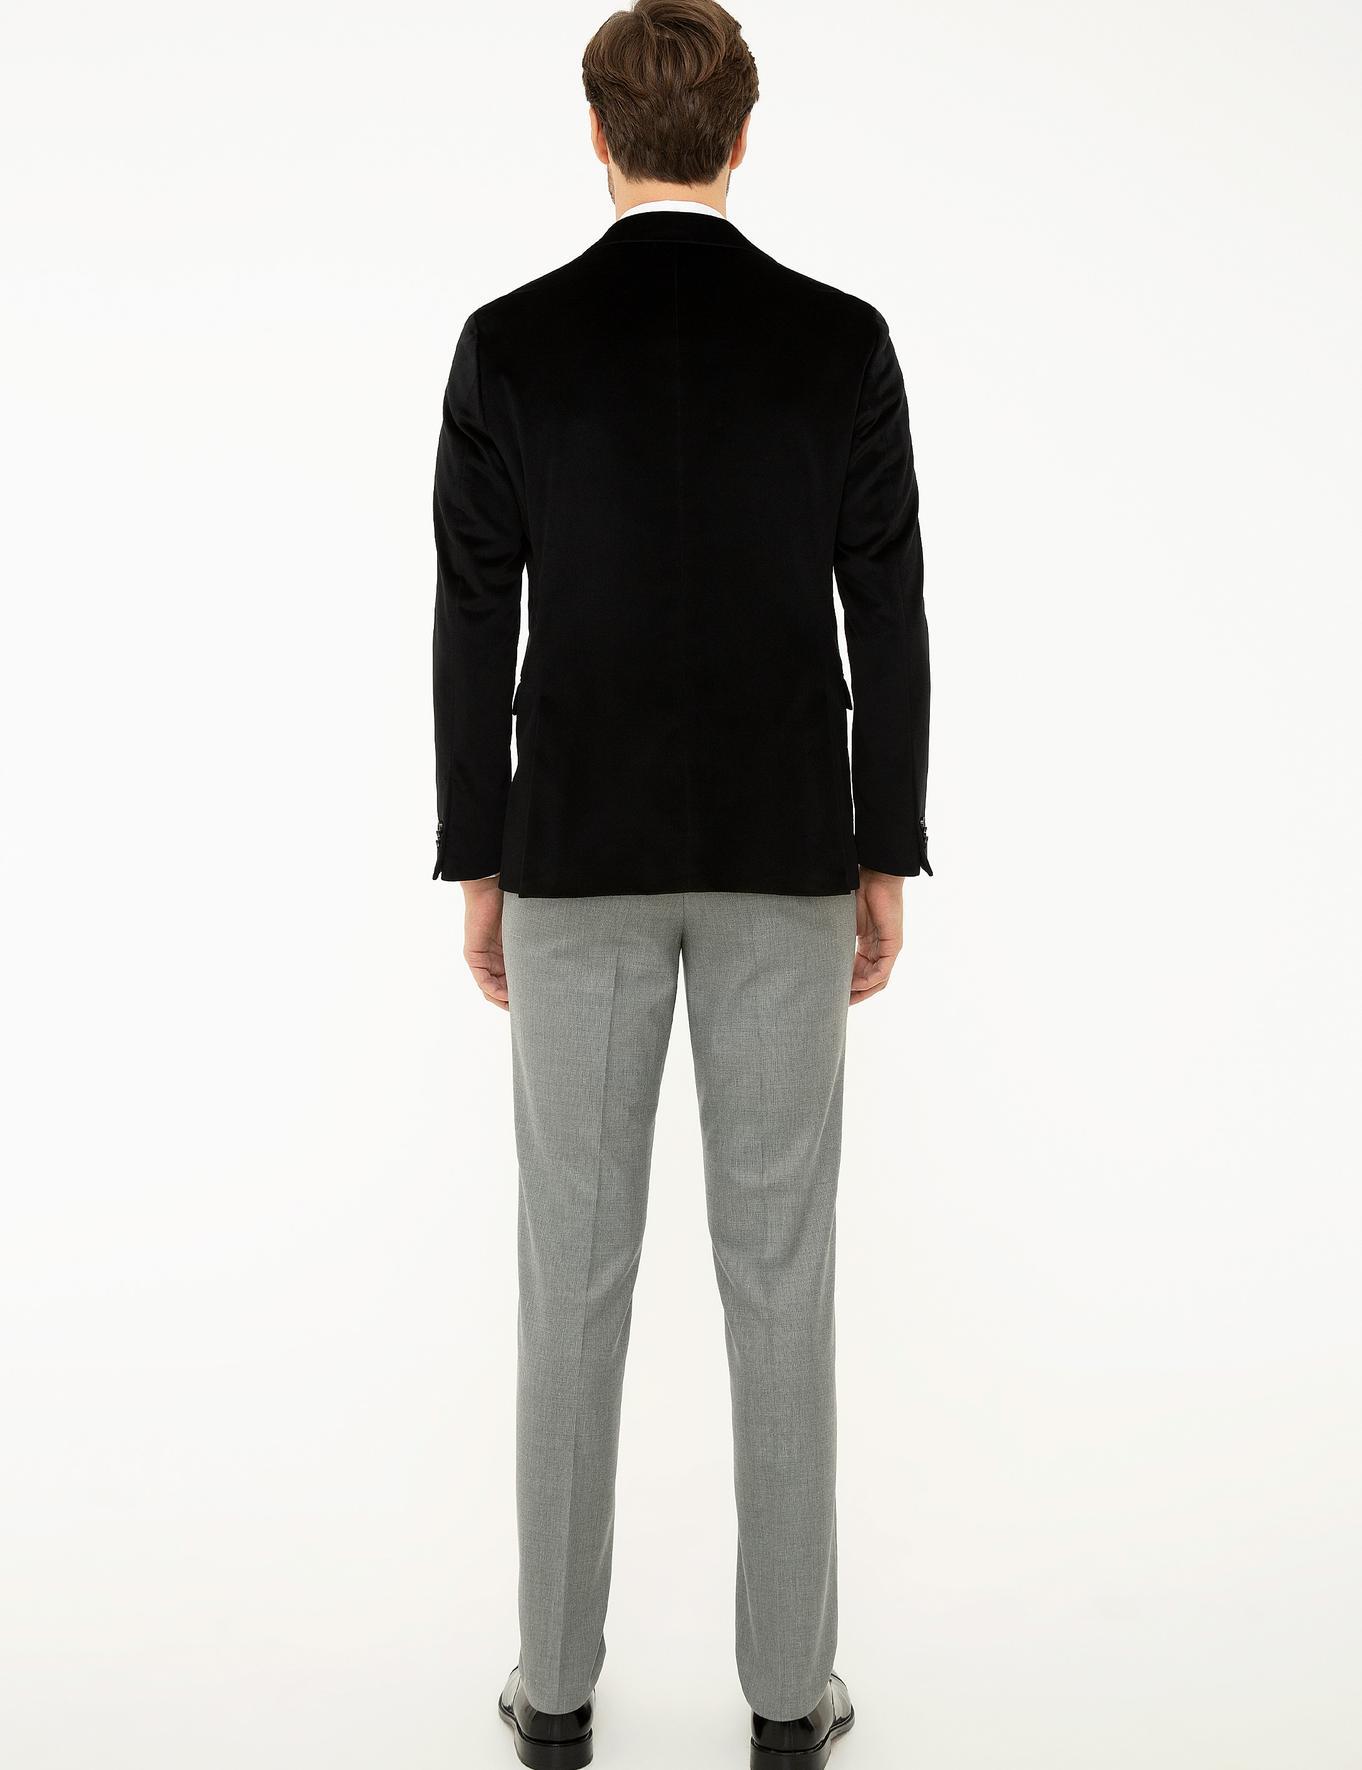 Antrasit Slim Fit Pantolon - 50225624003